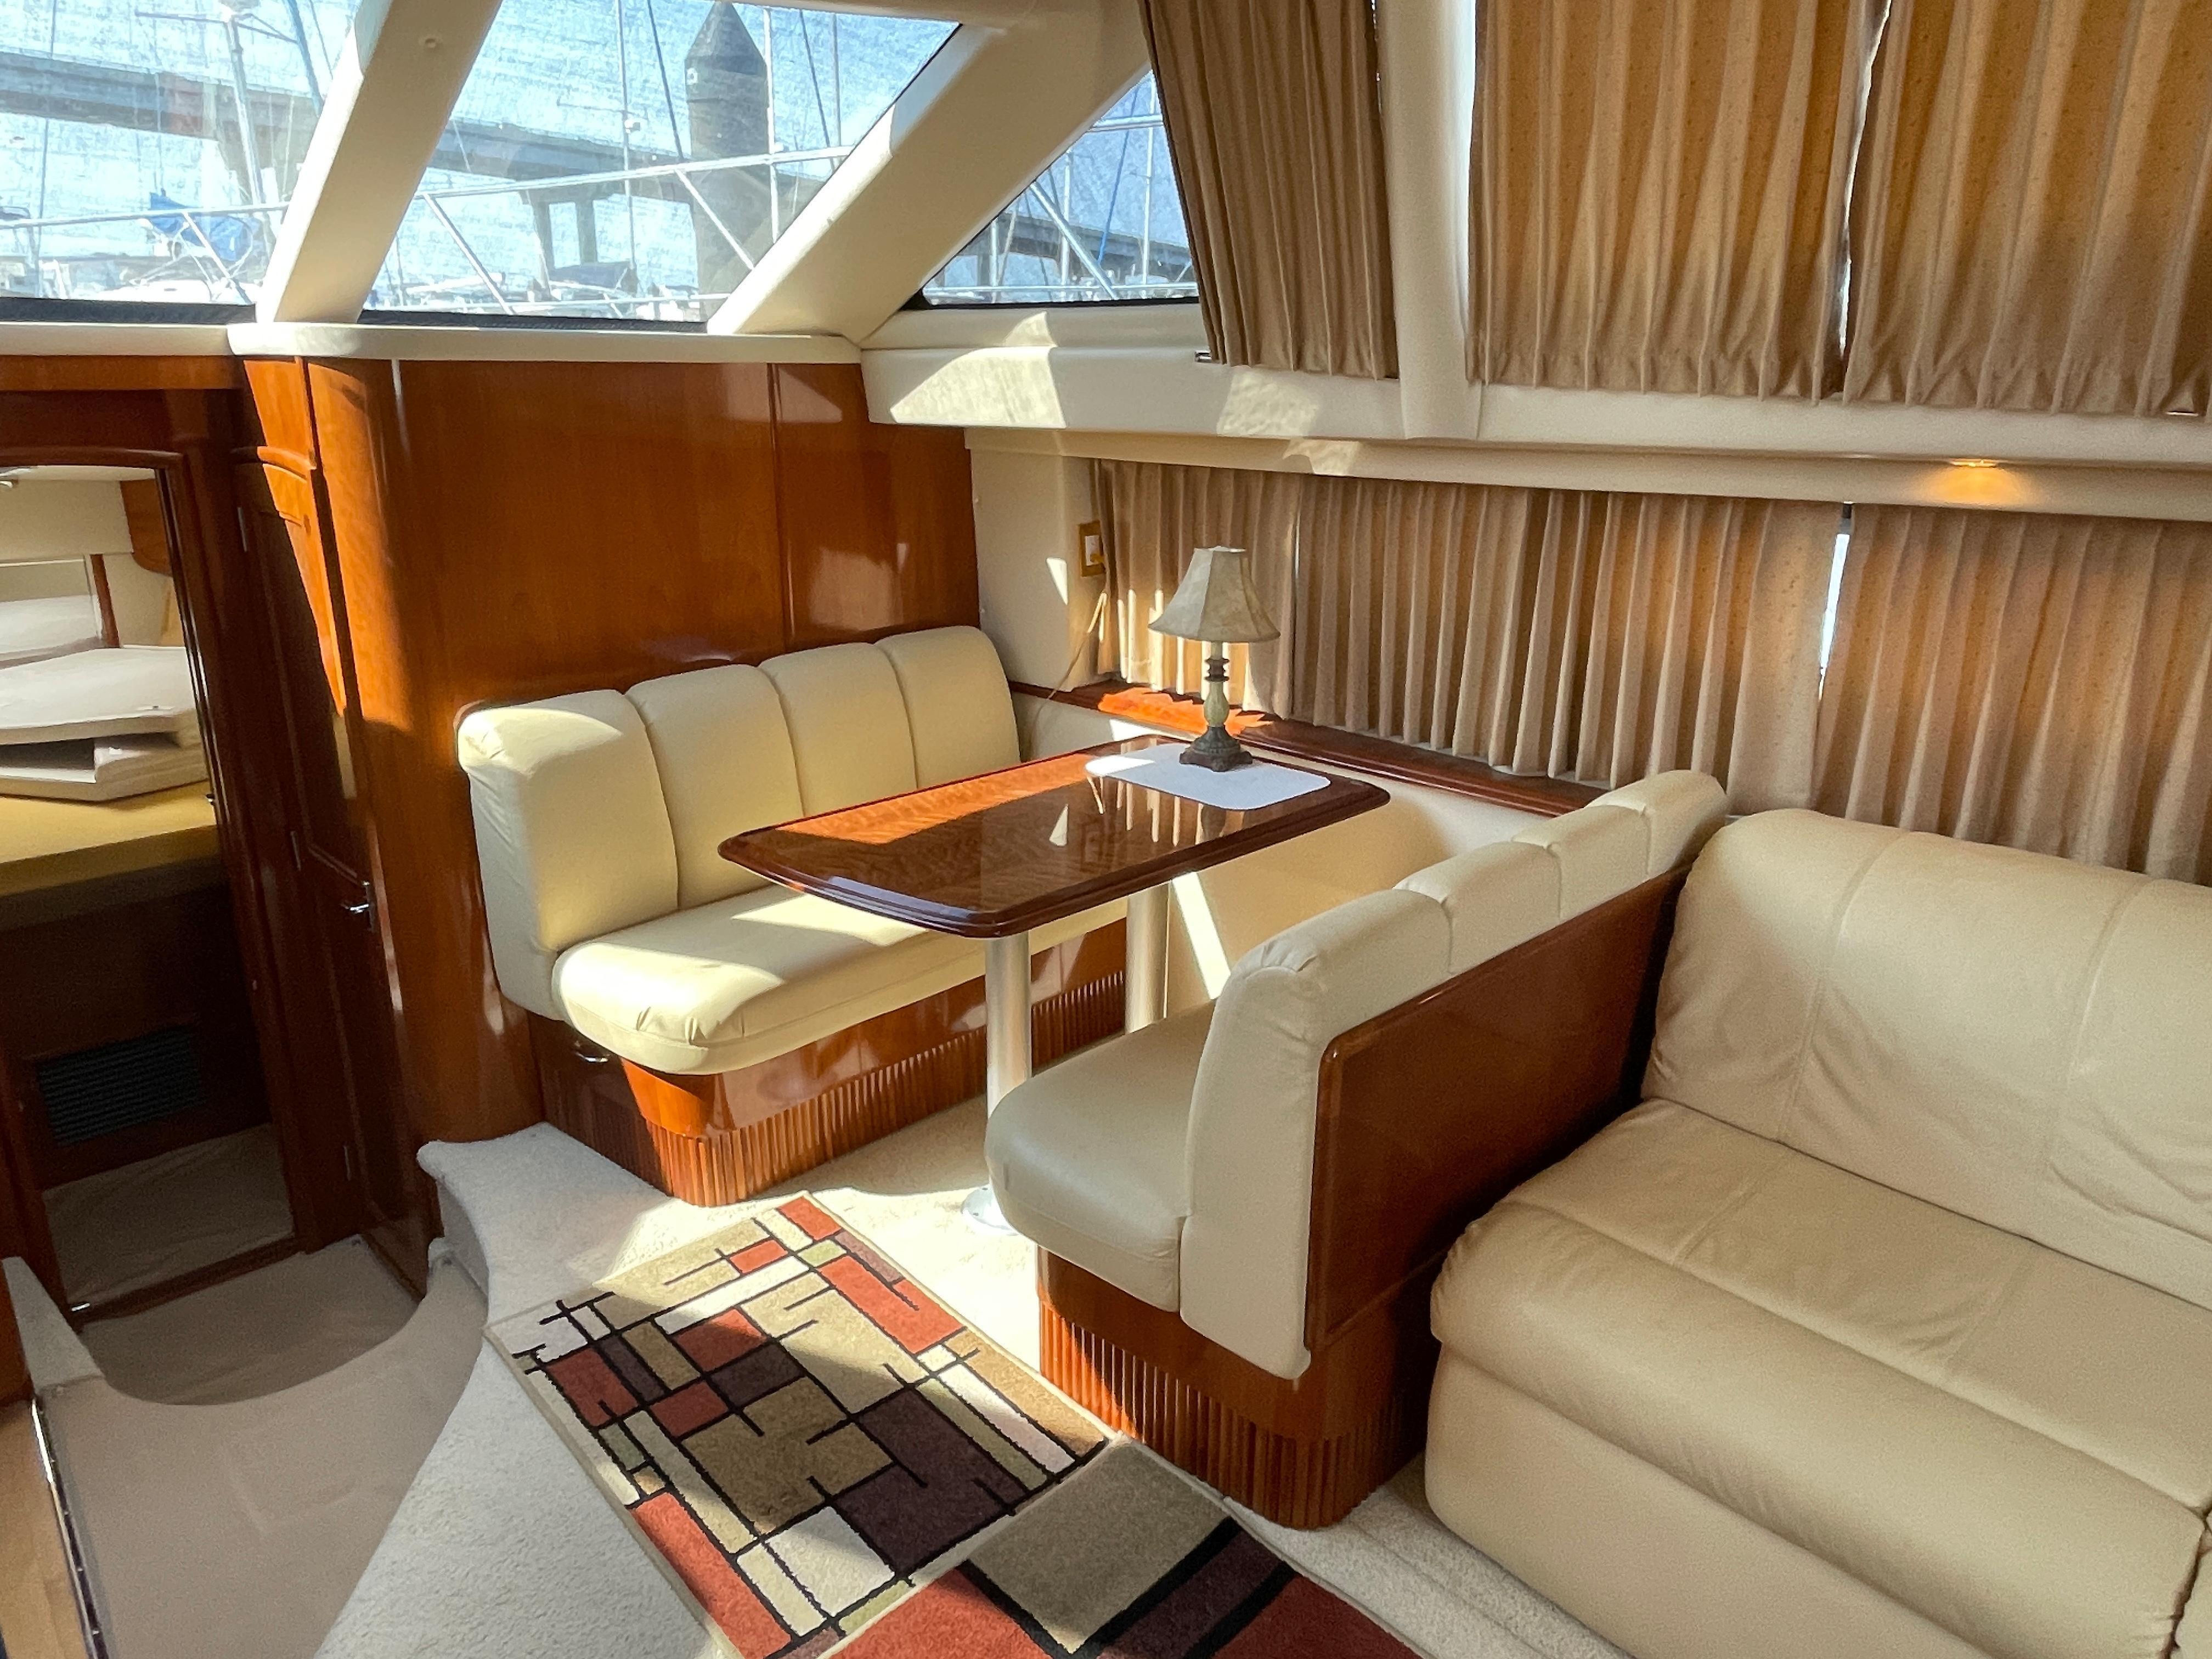 Carver 444 Cockpit Motor Yacht - Dinette